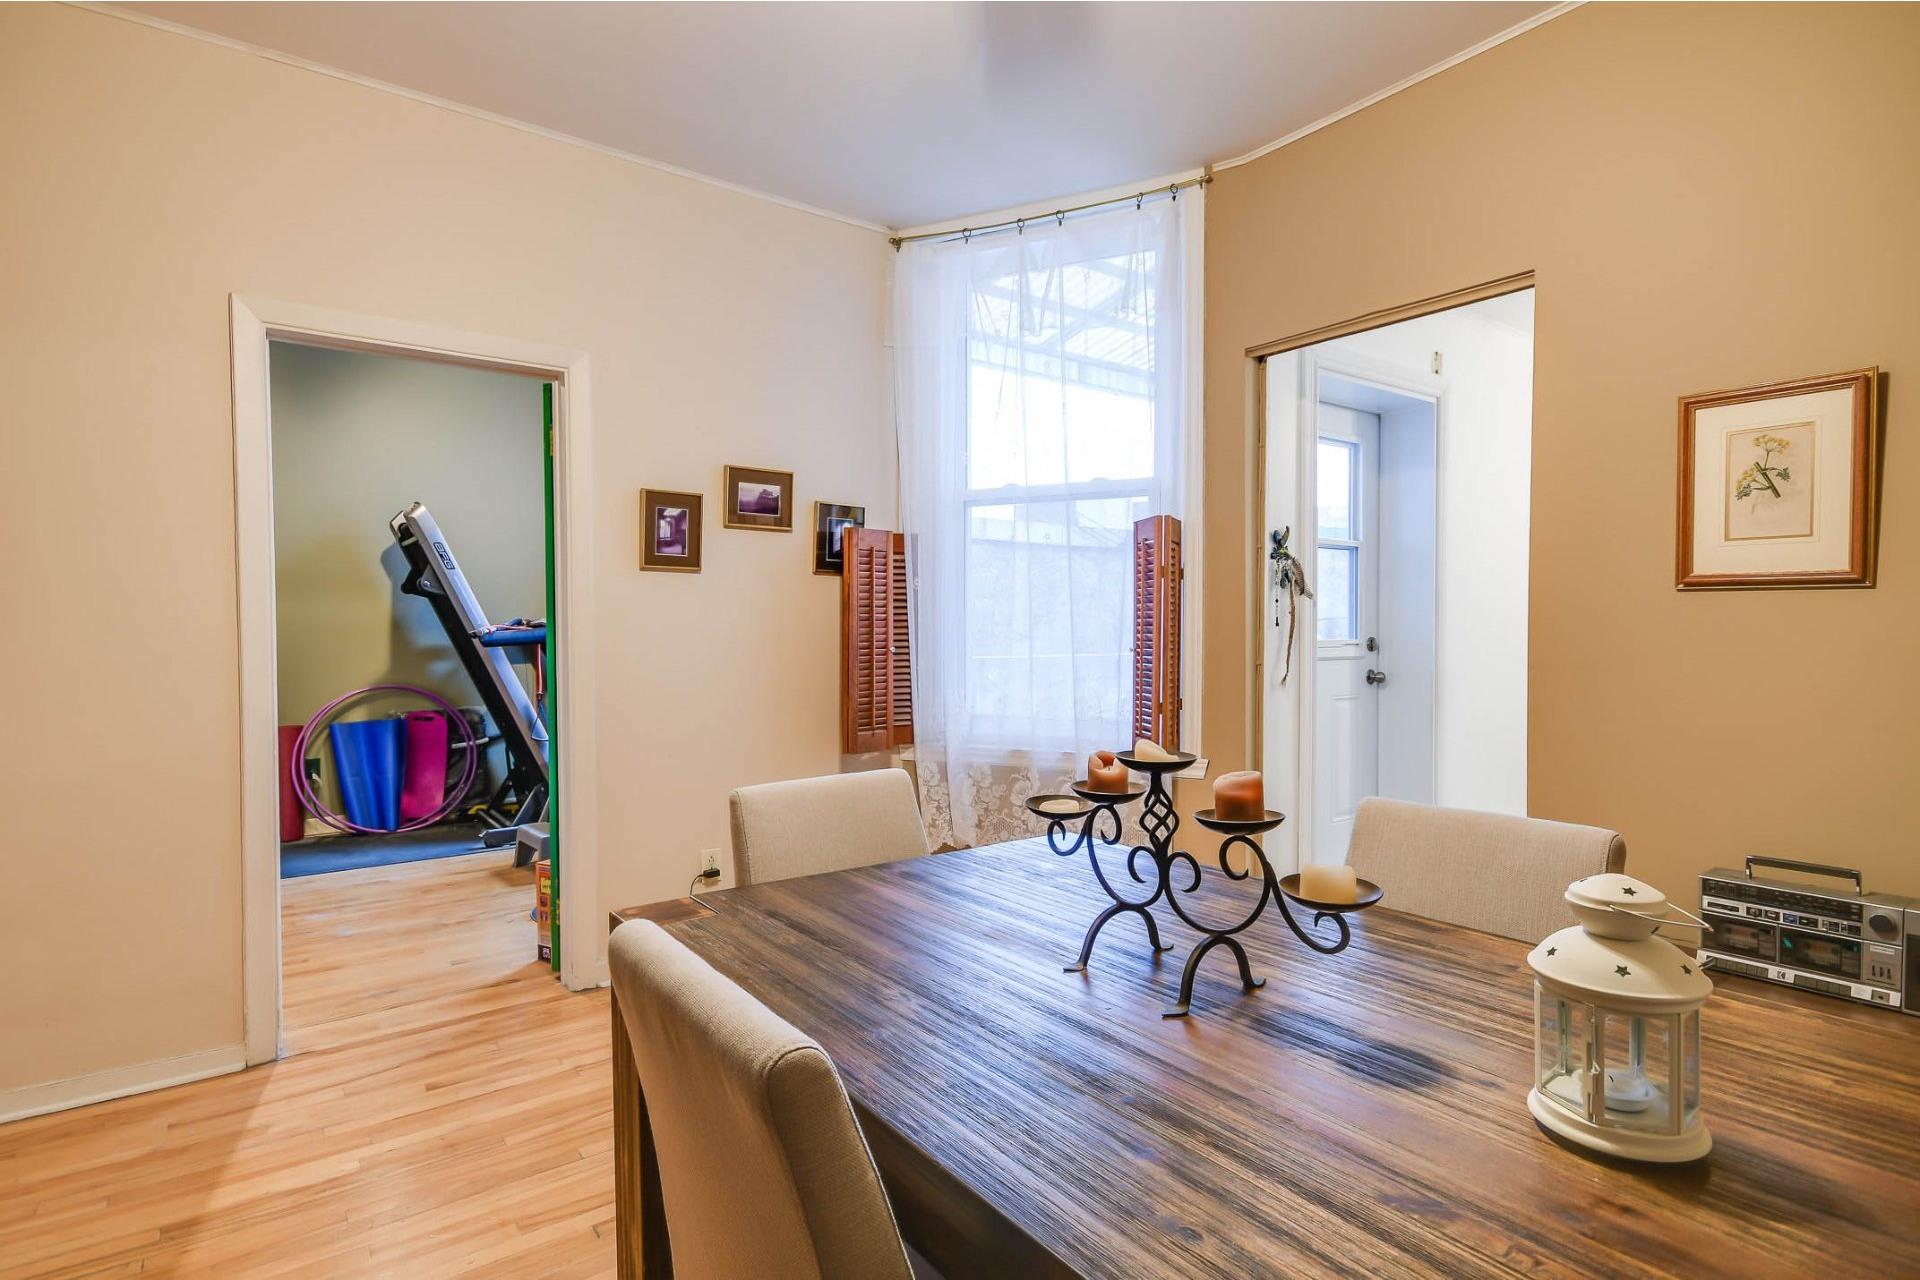 image 3 - Duplex À vendre Rosemont/La Petite-Patrie Montréal  - 5 pièces